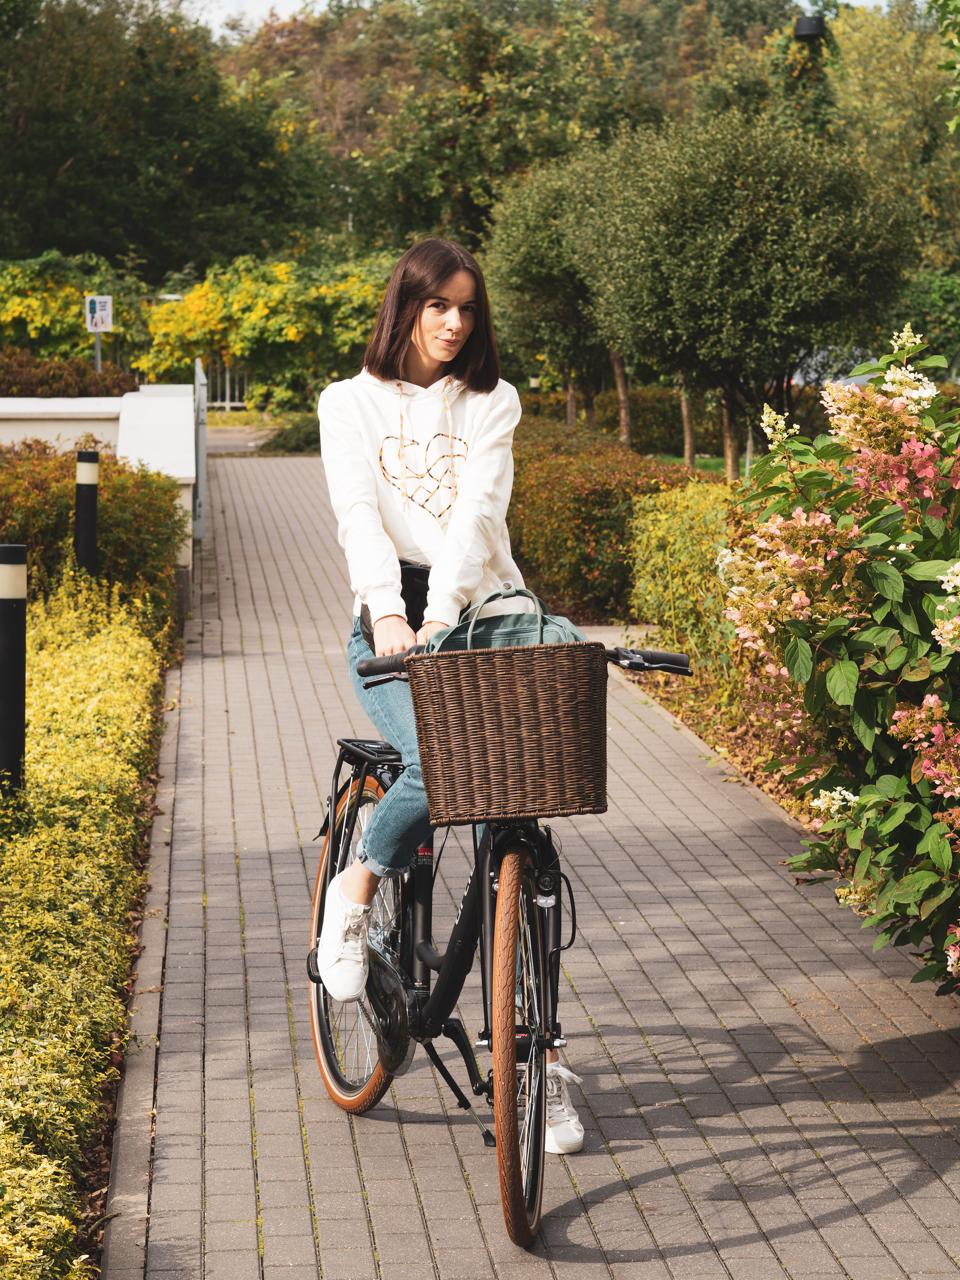 Do zdjęć na rowerze pozowałam bez kasku, ale oczywiście zawsze jeżdżę w kasku. I Wam również to polecam!